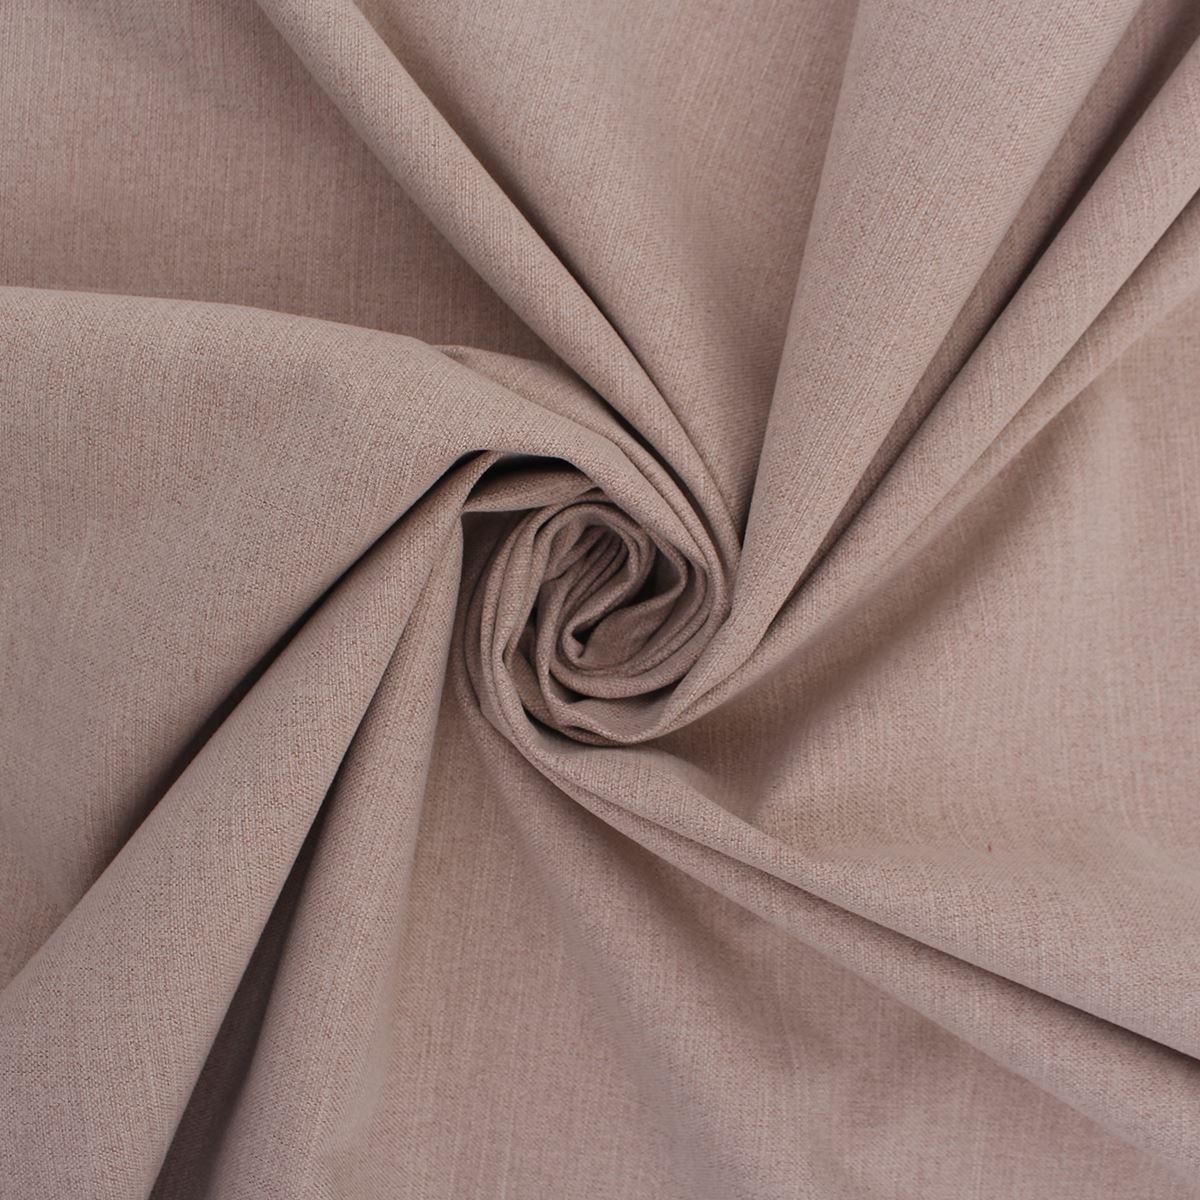 Plain Beige Couleur poly coton d/'ameublement rideau ameublement Tissu Textile